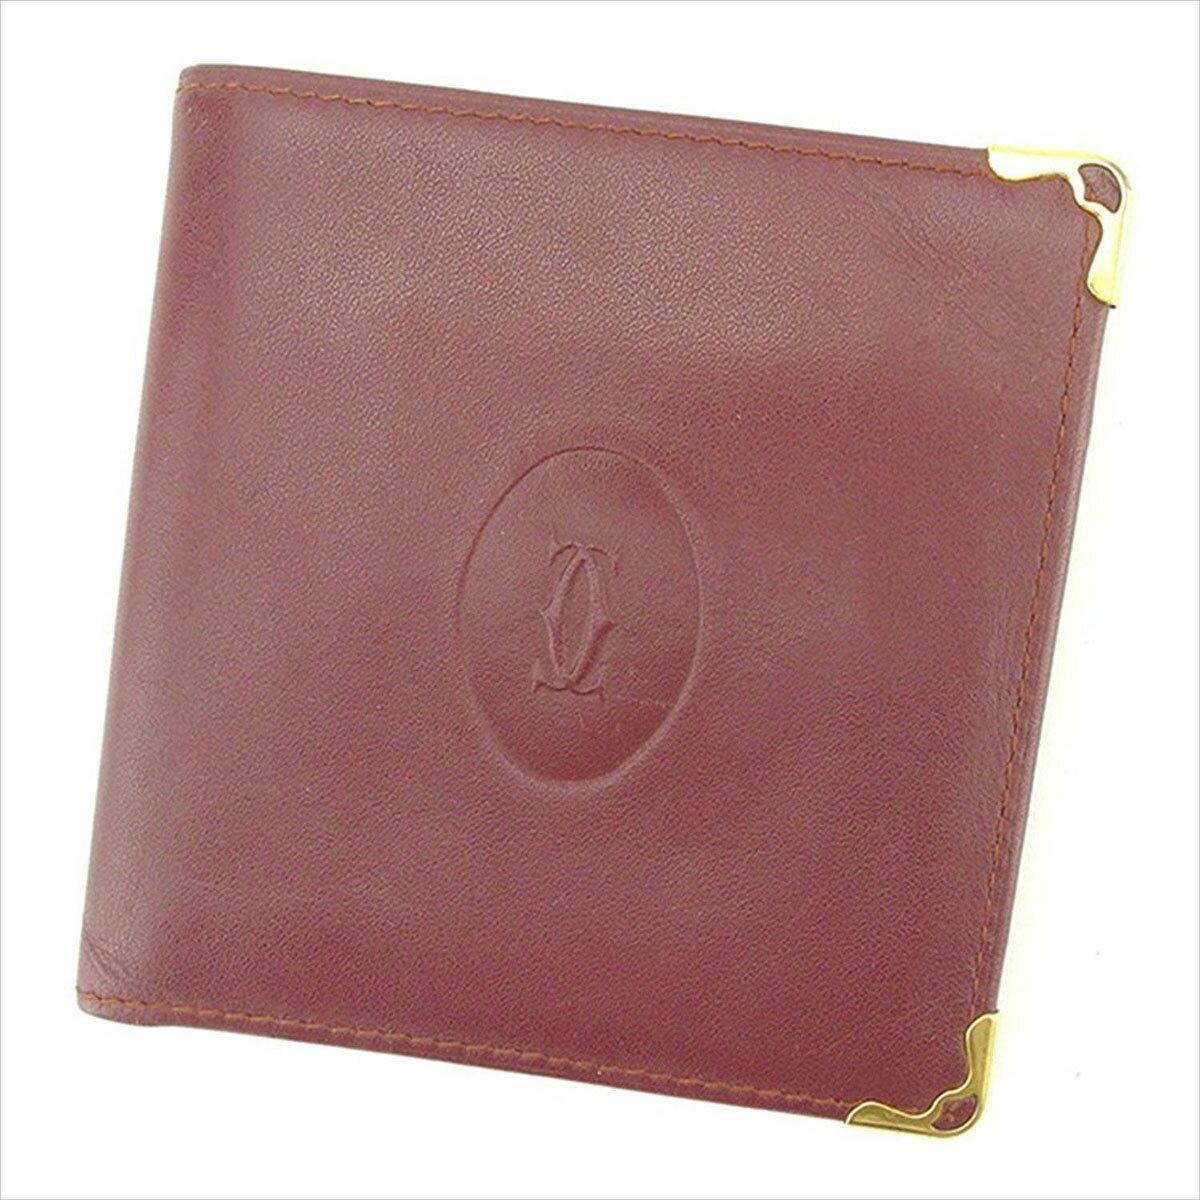 【中古】 カルティエ Cartier 二つ折り財布 財布 レディース メンズ 可 マストライン ボルドー レザー 人気 T1625 .